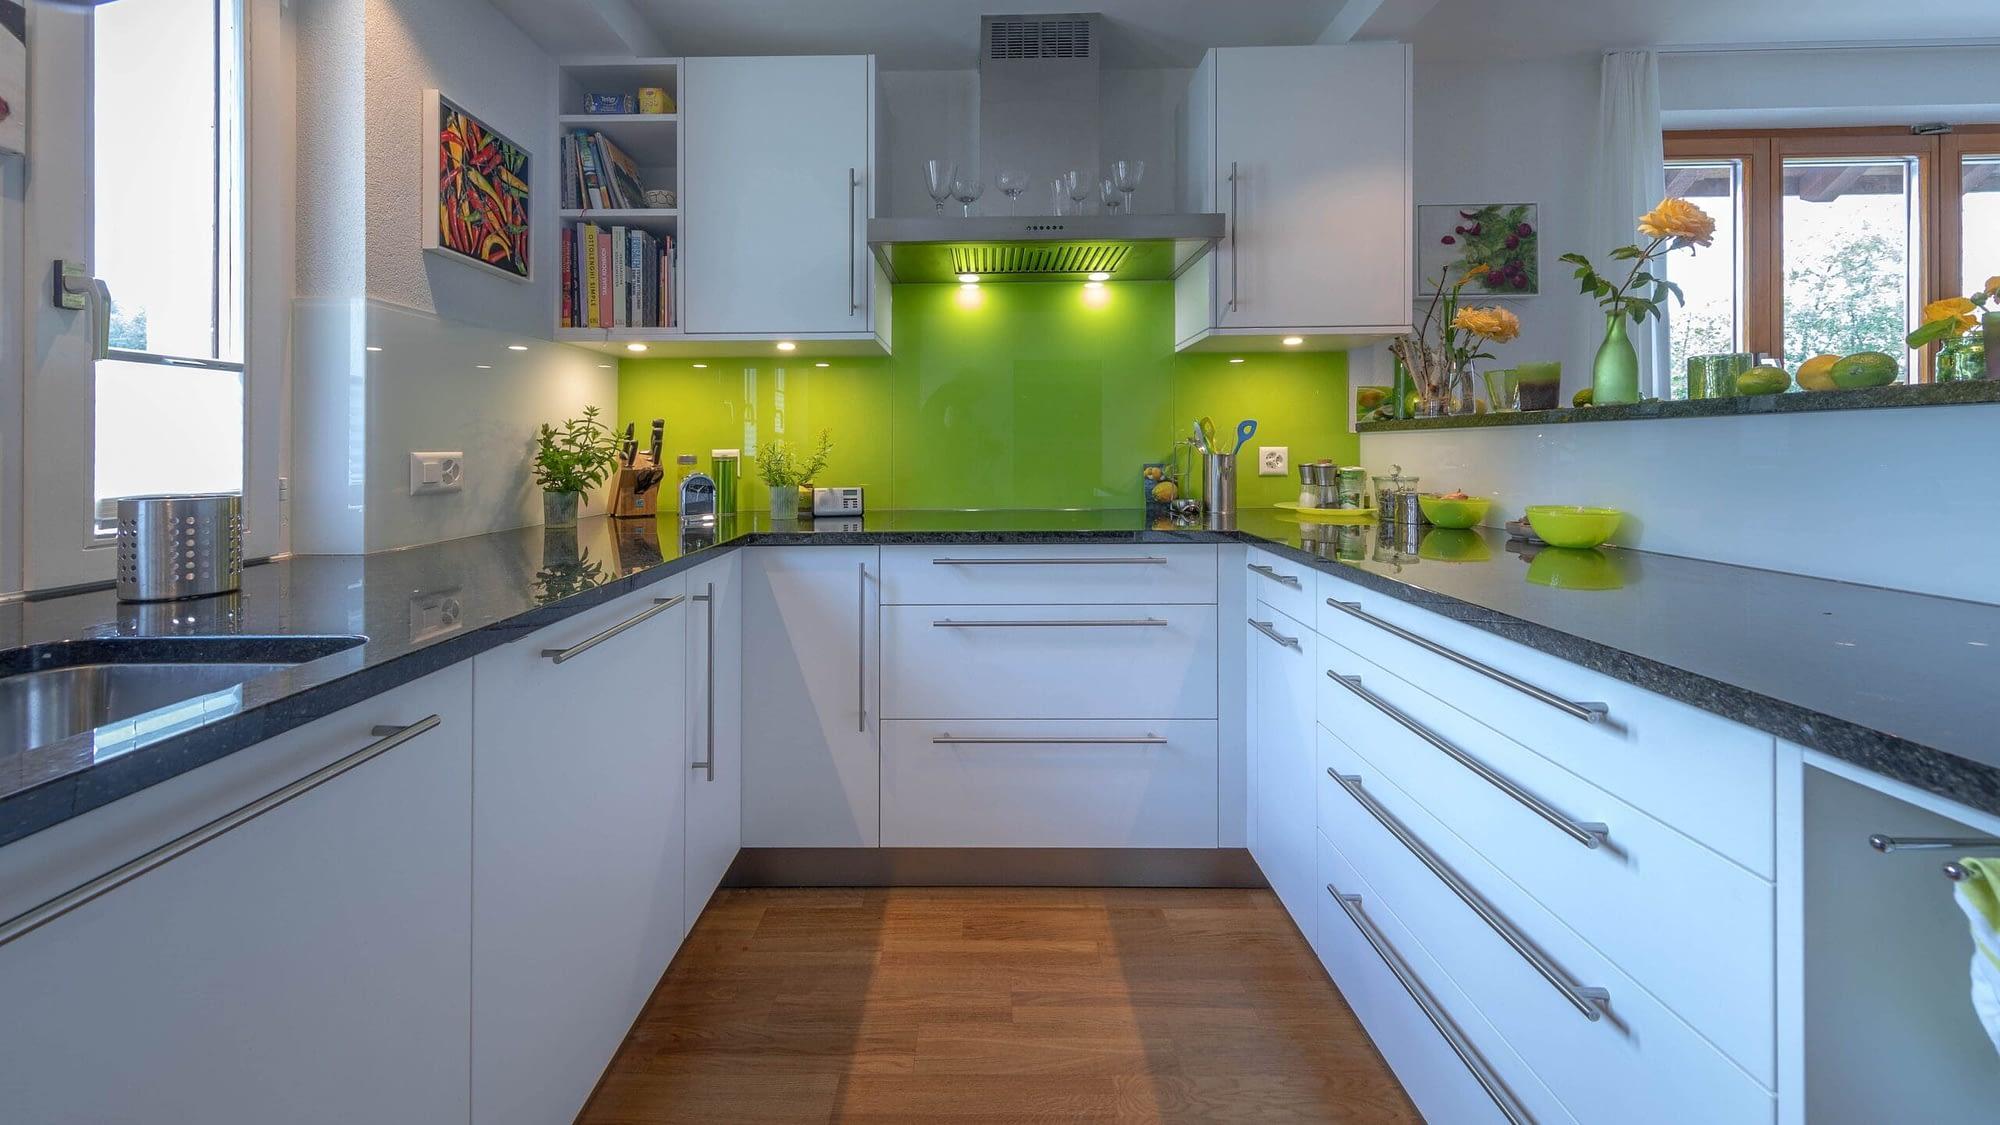 Komplettumbau der Küchenschränke sowie dem Boden